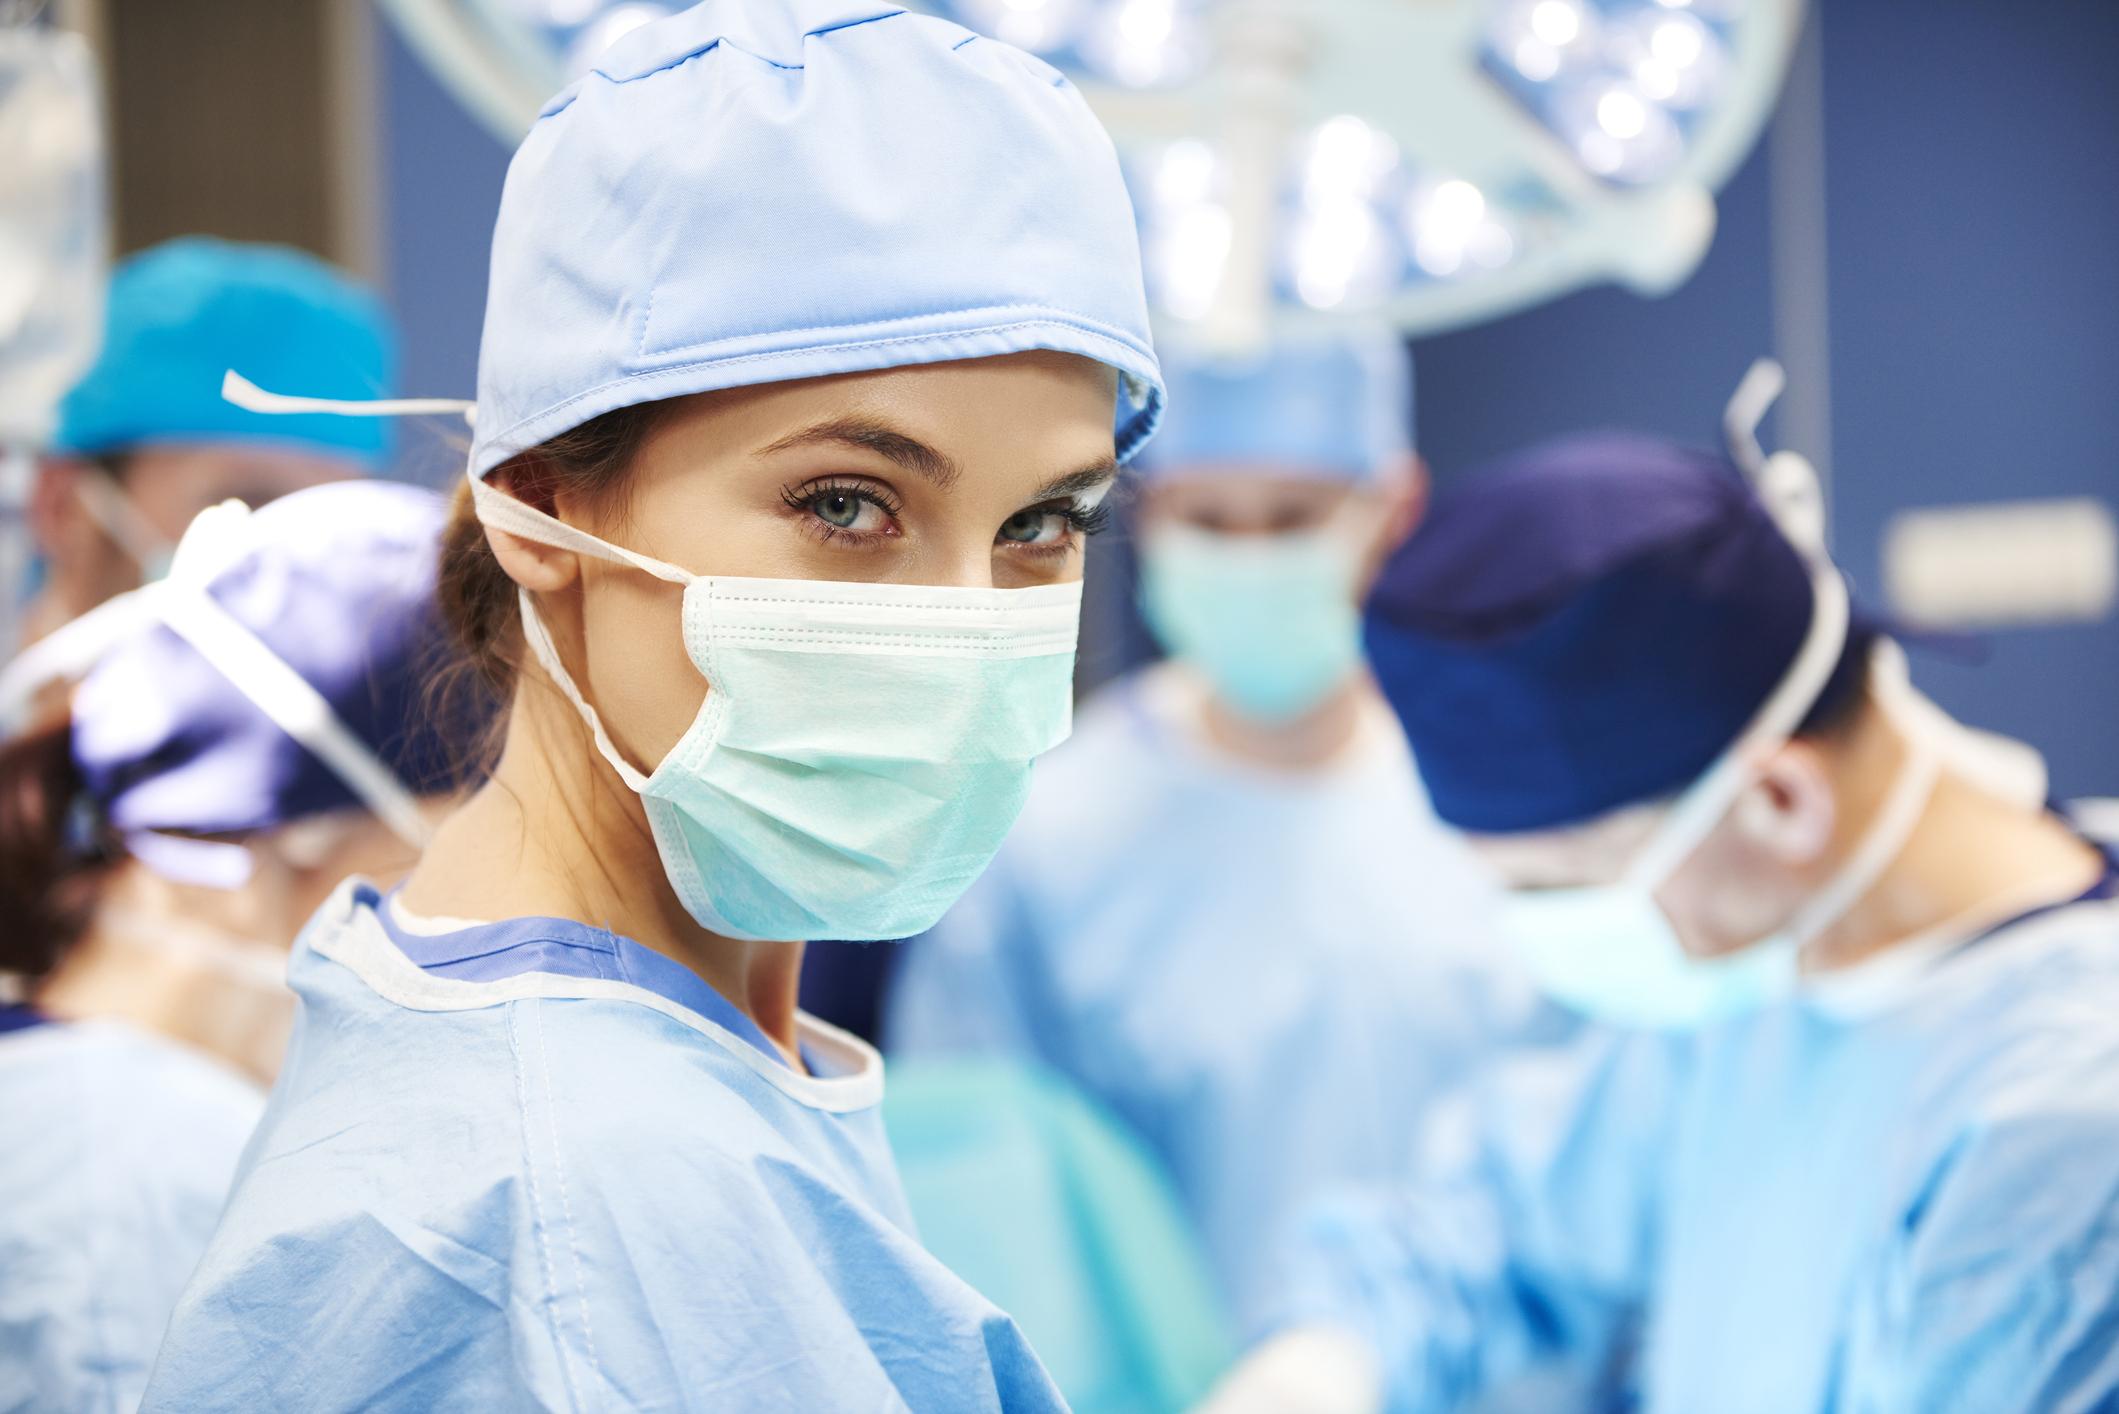 Existenz Risiken Ärzte